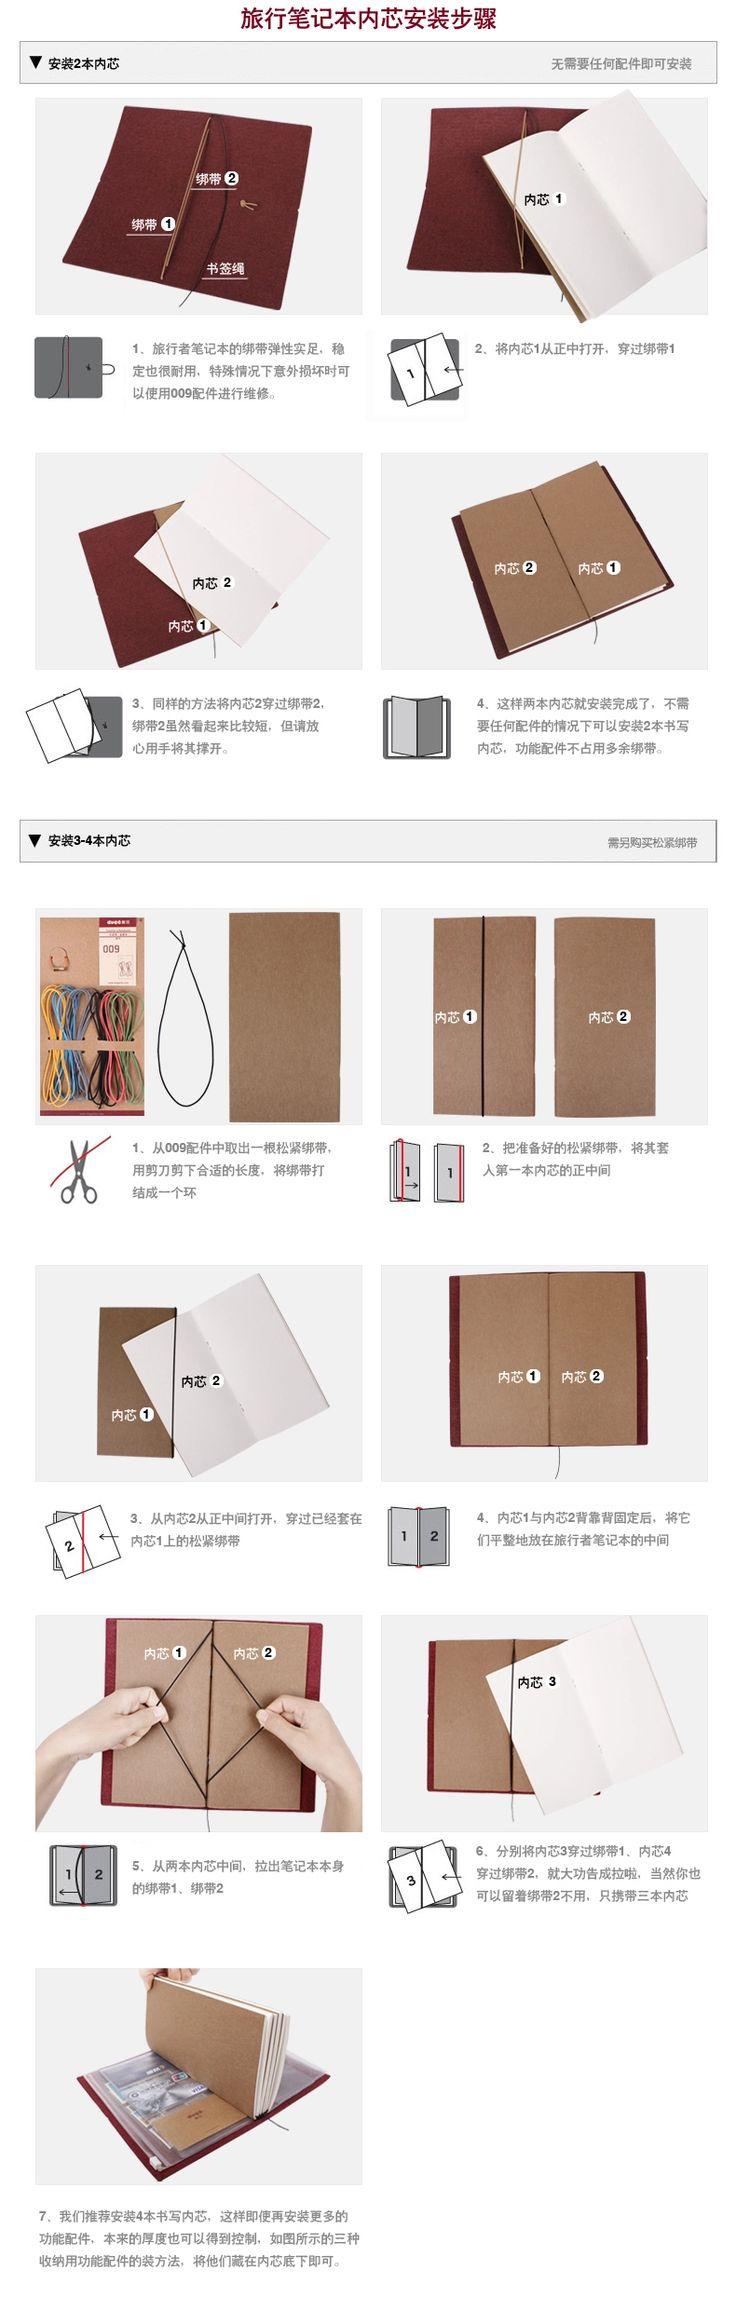 Бизнес план путешествия высококлассные ретро блокнот творческие милый корейский тенденция Канцелярские тетради -tmall.com Lynx